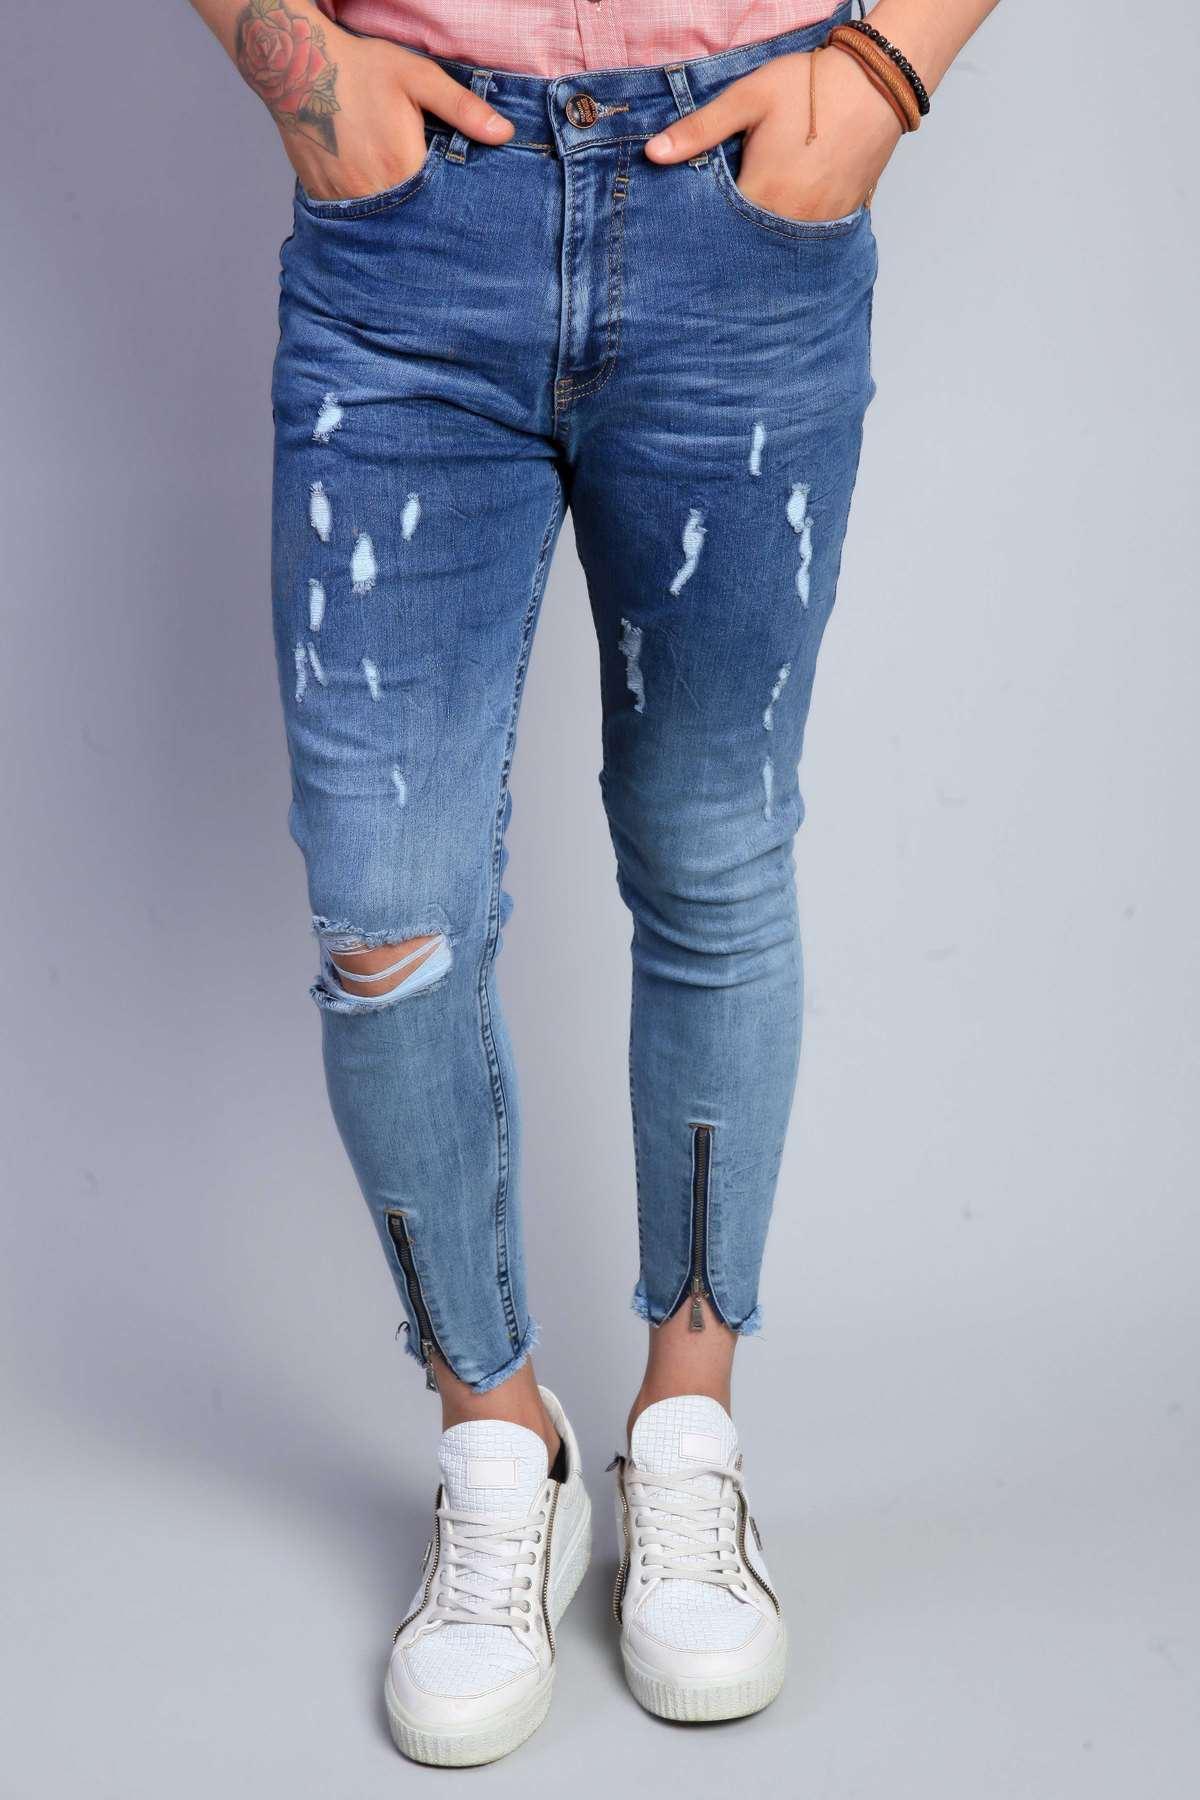 Paça Fermuarlı Diz Yırtıklı Bilek Boy Kot Pantolon Koyu-Mavi